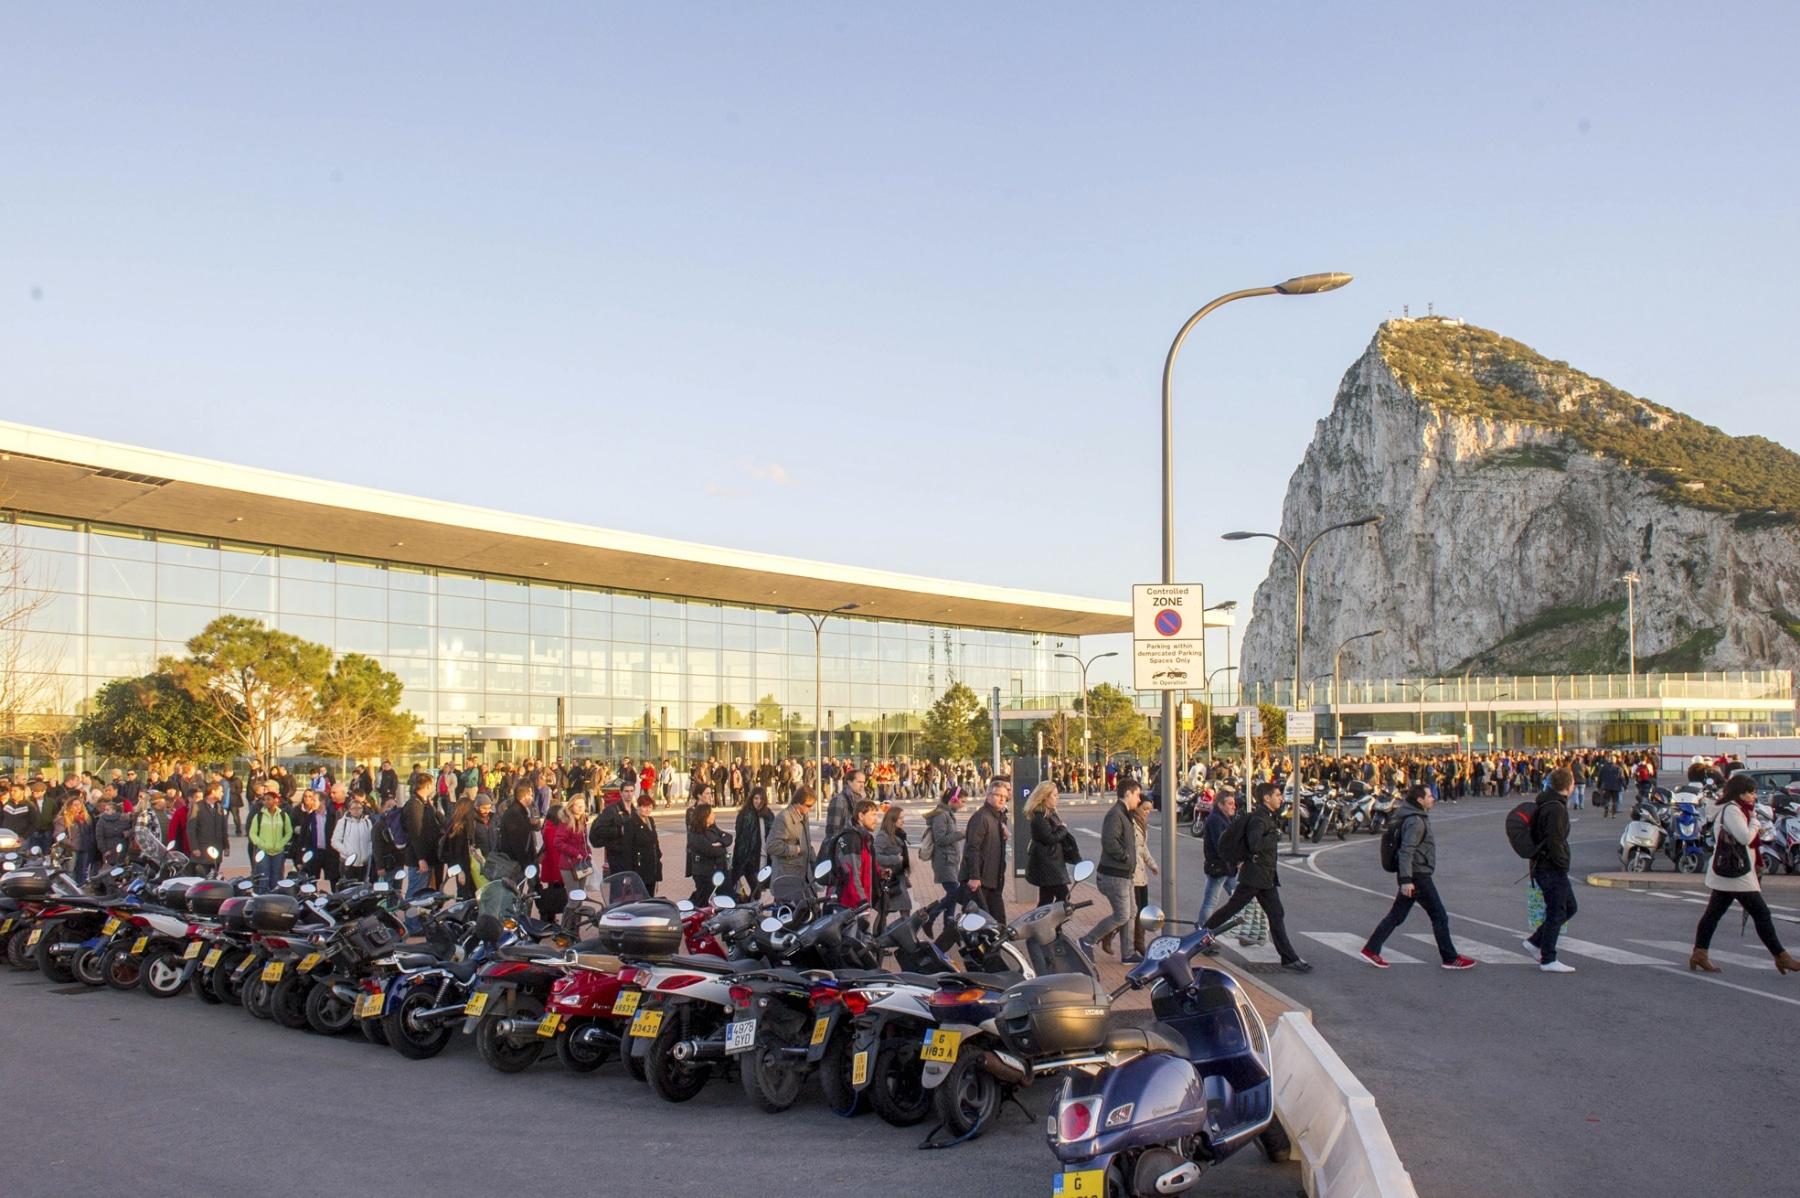 Gibraltar - 24.02.2014 - MARCOS MORENO - Colas peatonlaes de 2 horas para salir de la aduana de Gibraltar a España.